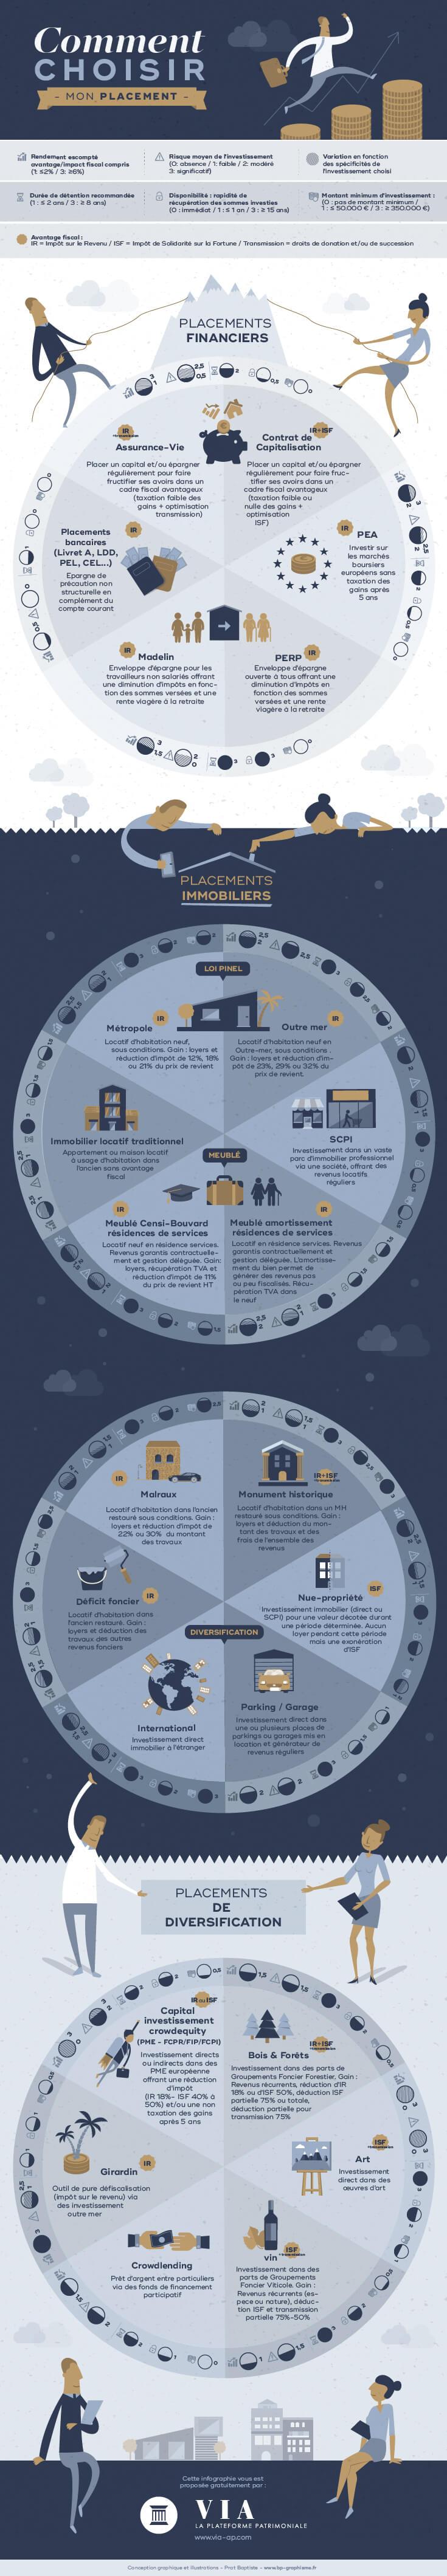 comment placer son argent avec cette infographie